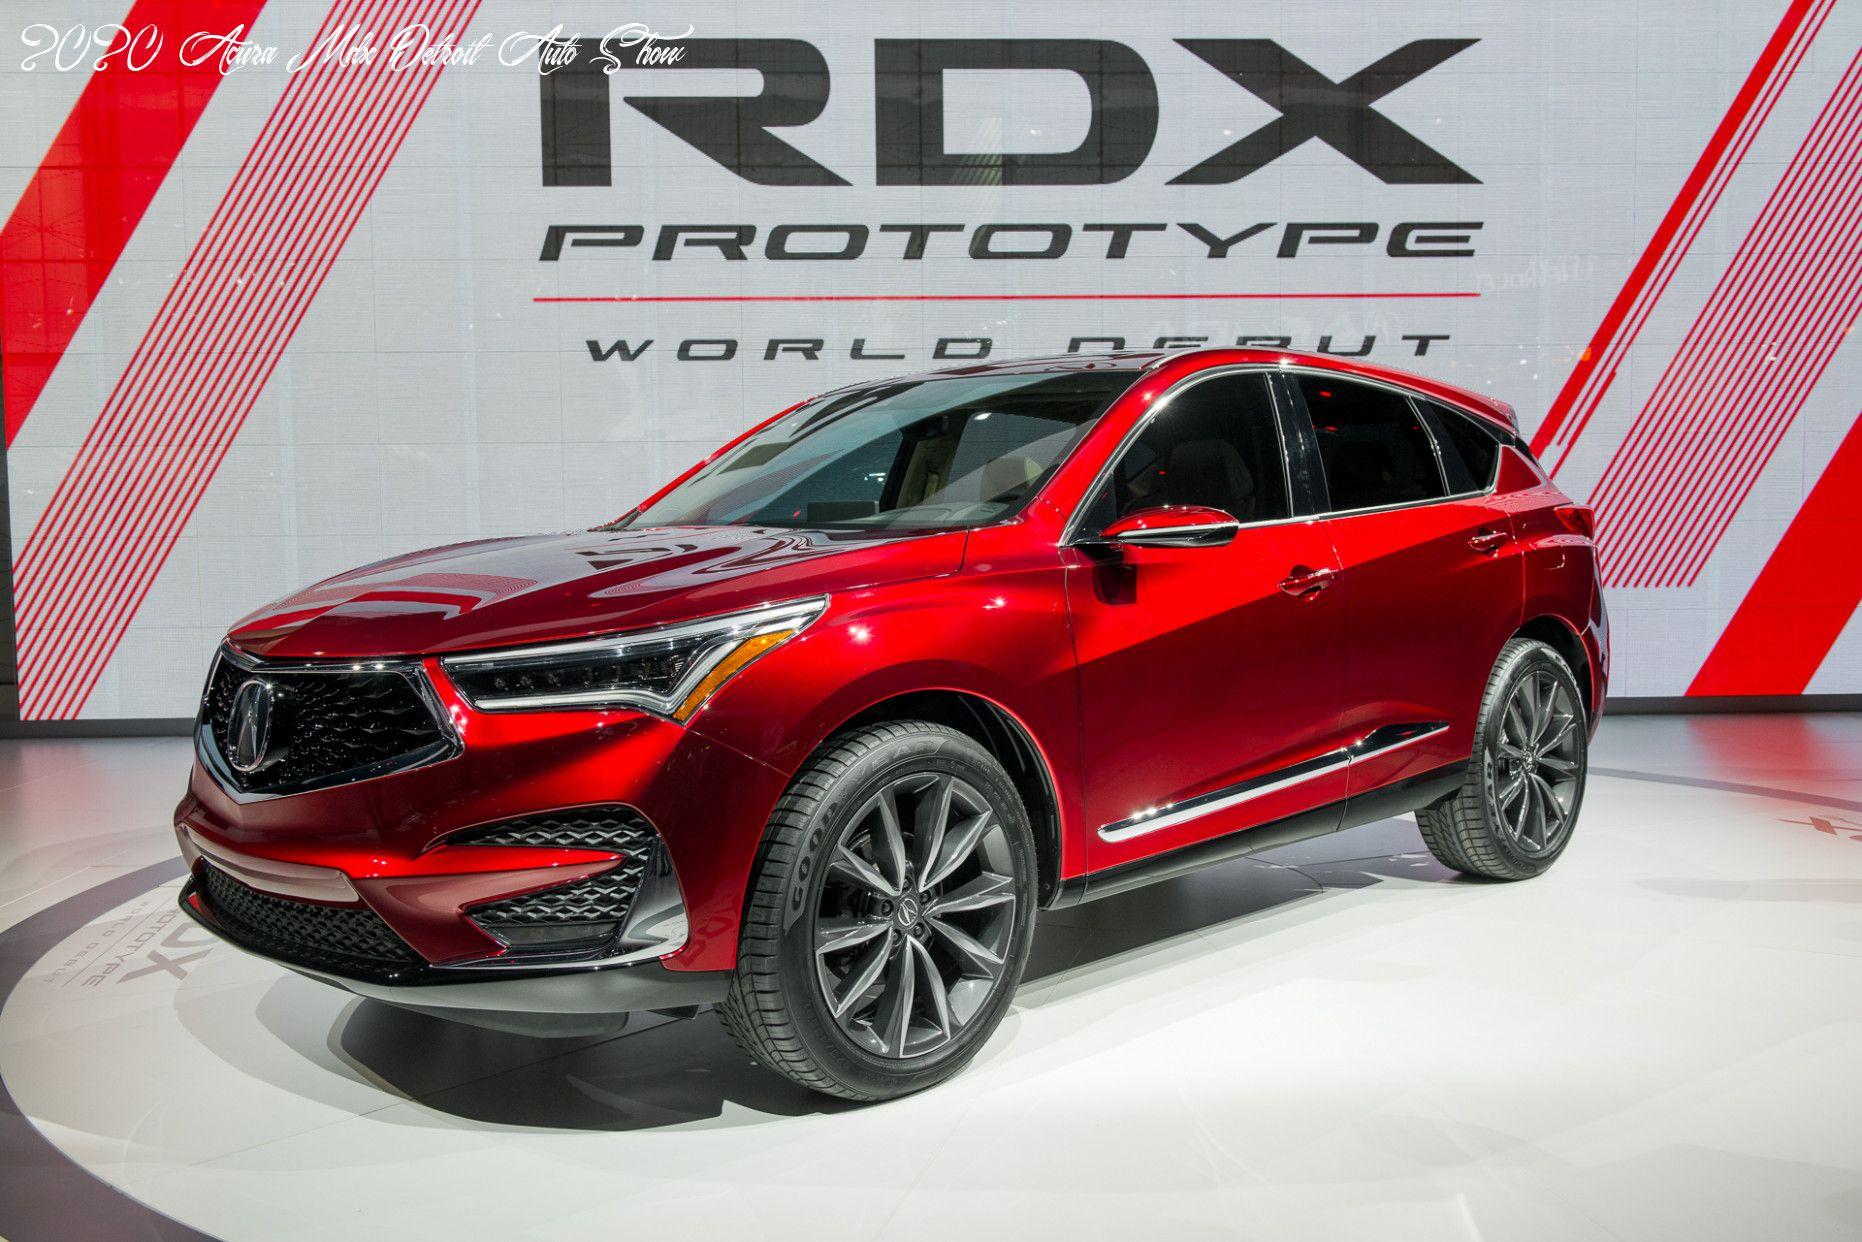 2020 Acura Mdx Detroit Auto Show Release Date In 2020 Acura Rdx Acura Acura Mdx